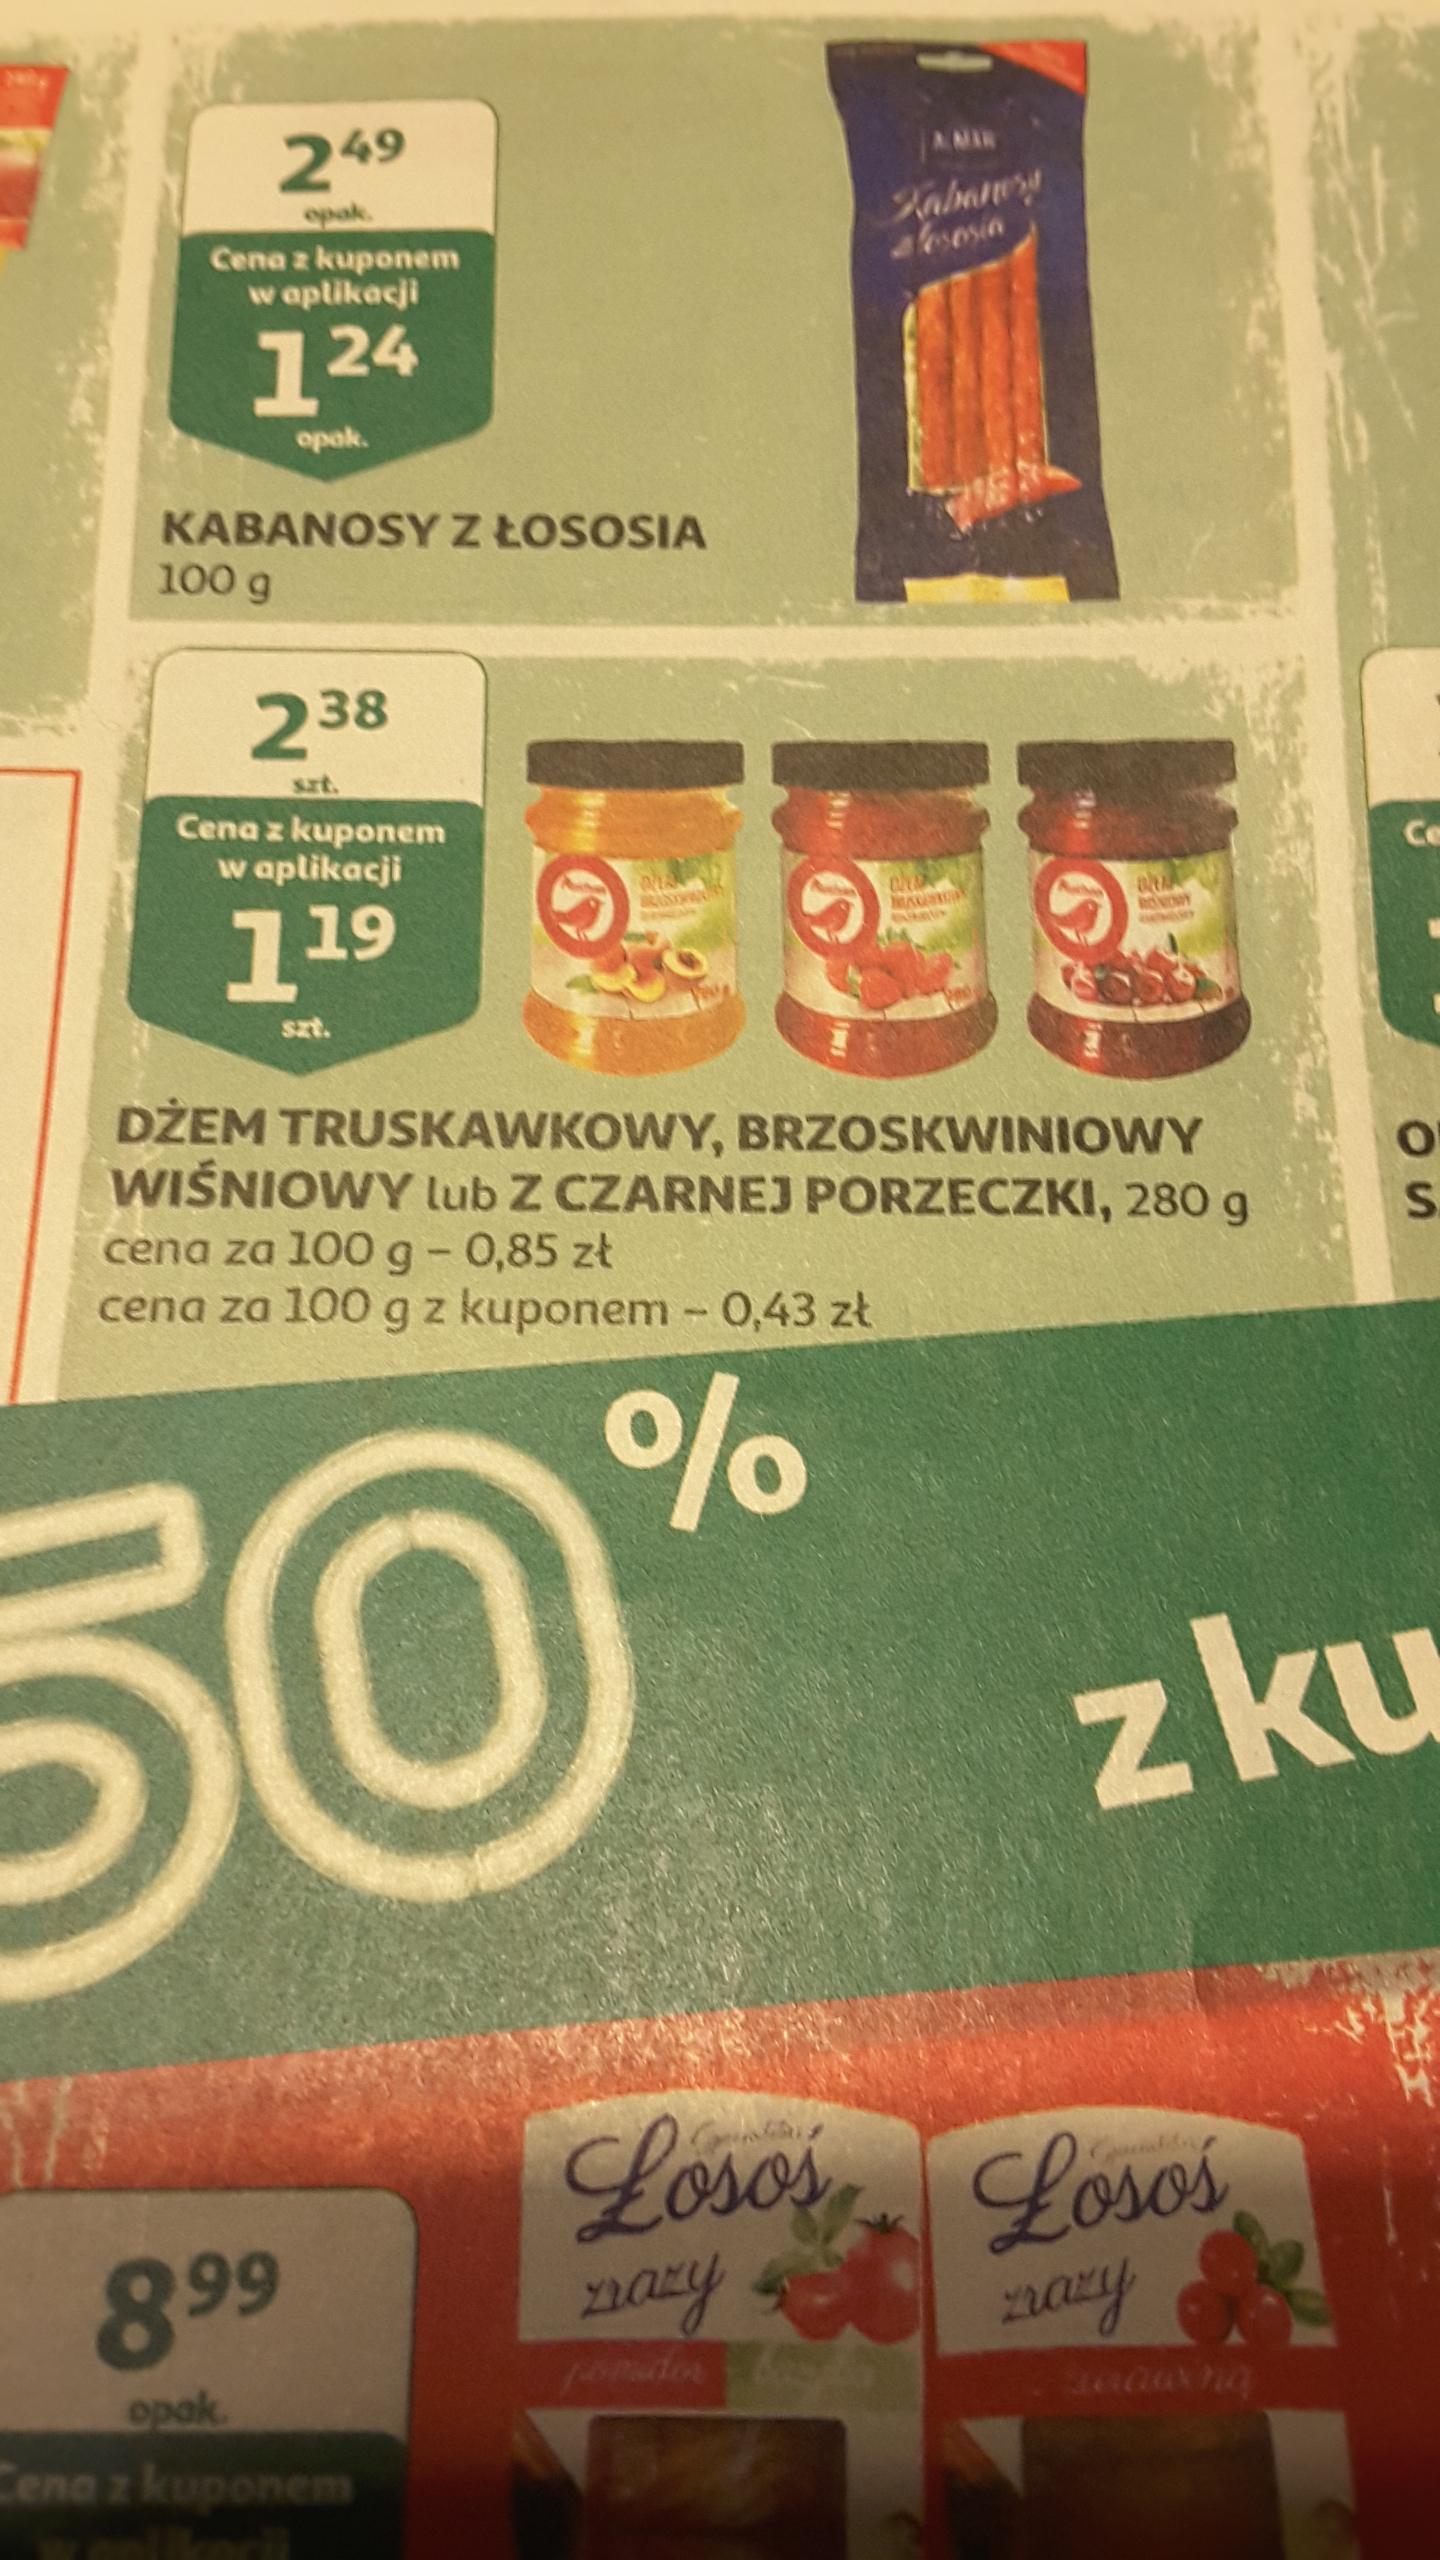 Dżem truskawkowy, brzoskwiniowy lub wiśniowy, Auchan